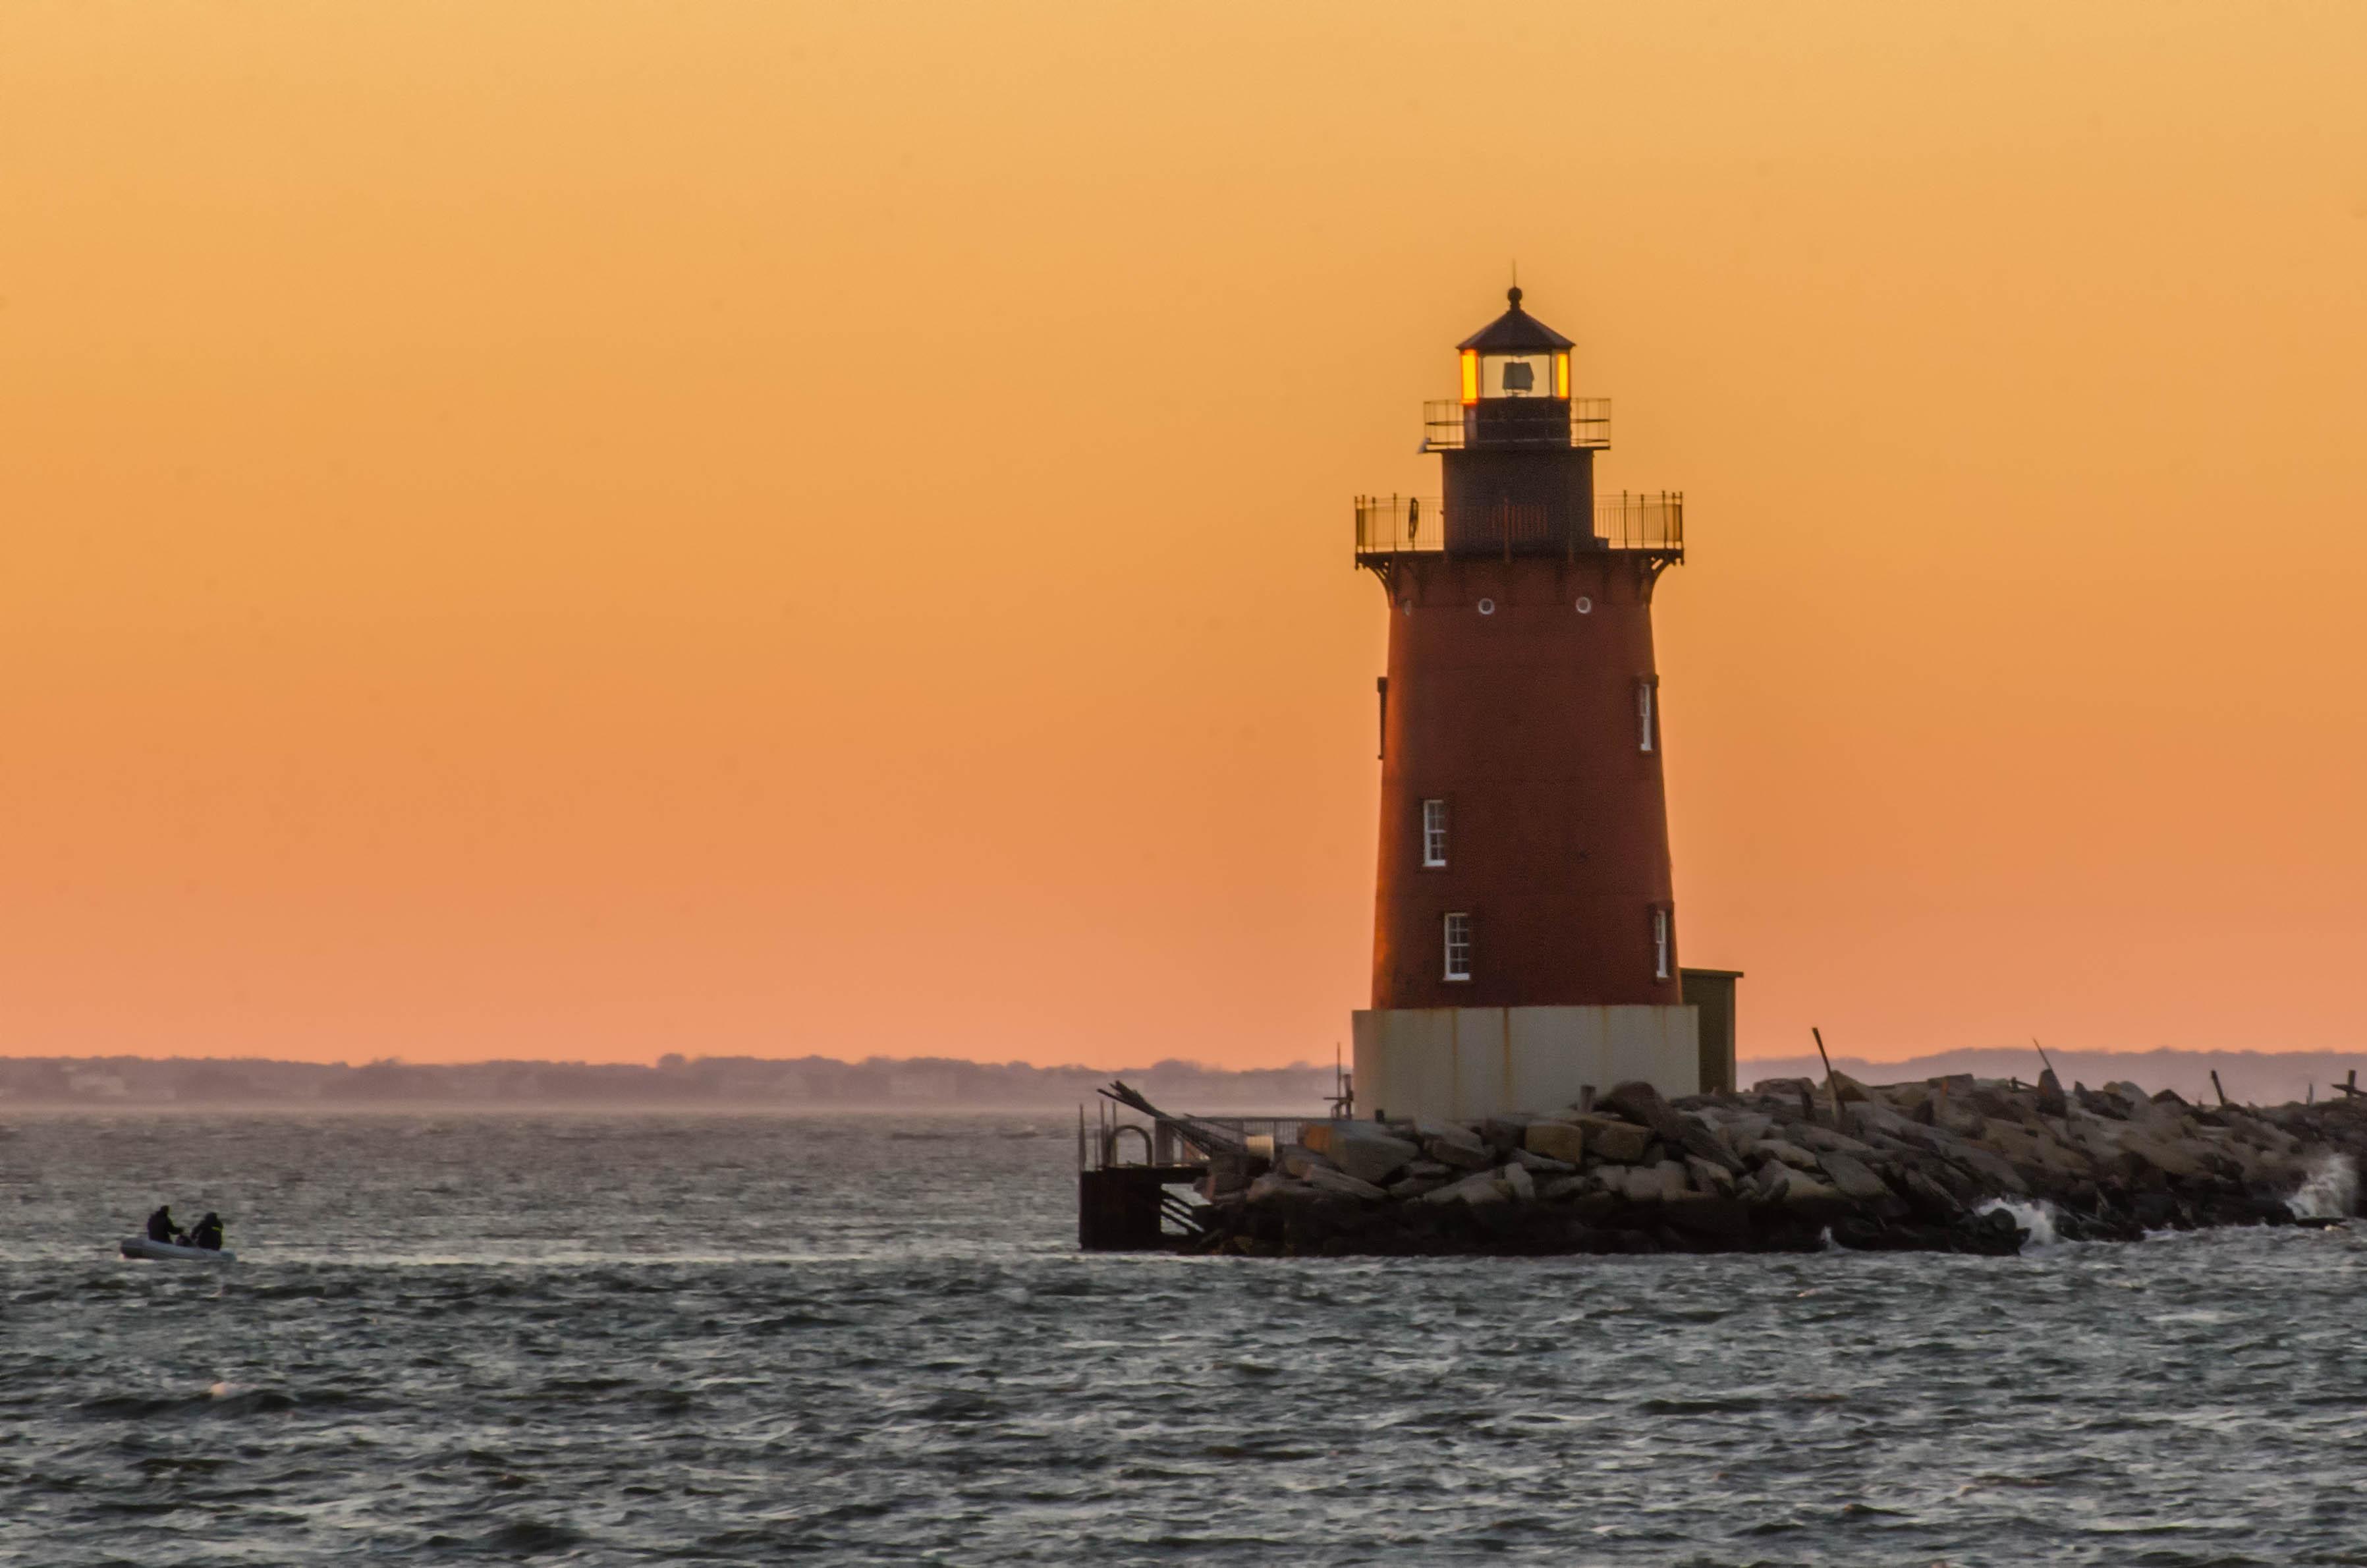 Delaware breakwater lighthouse photo